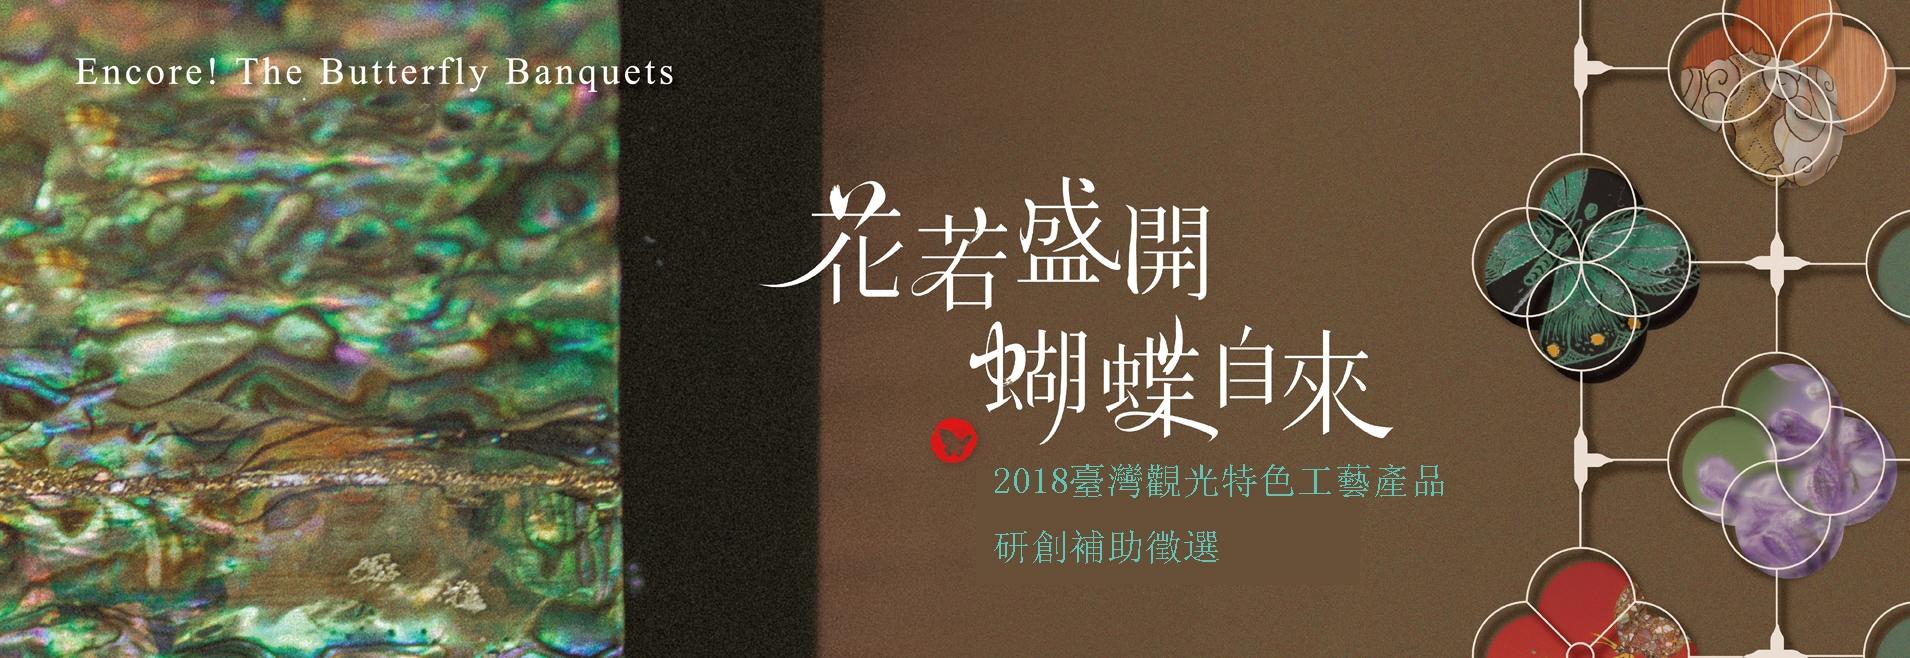 花若盛開,蝴蝶自來2018臺灣觀光特色工藝產品研創補助計畫[另開新視窗]